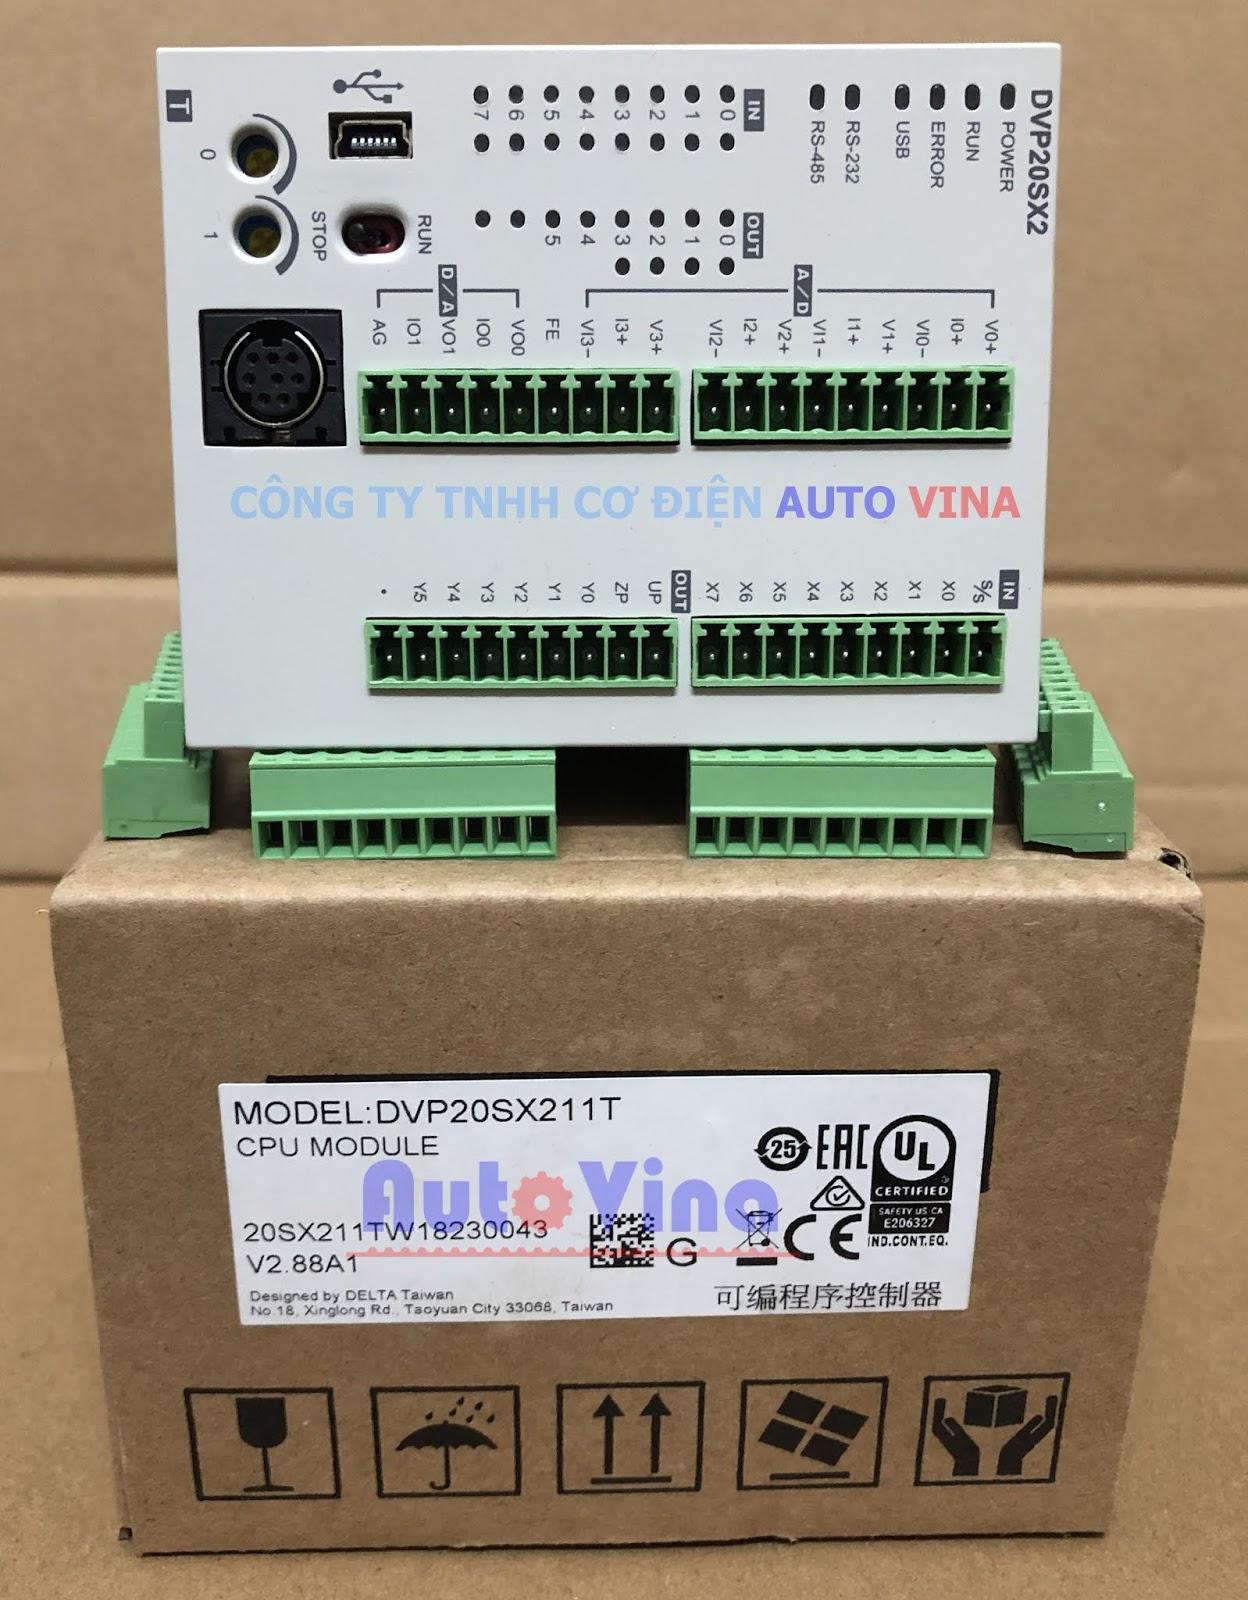 Đại lý bán PLC Delta DVP20SX211T tích hợp ngõ vào ra analog, hỗ trợ thời gian thực, hỗ trợ lệnh điều khiển phát xung cho Servo, hàng có sẵn